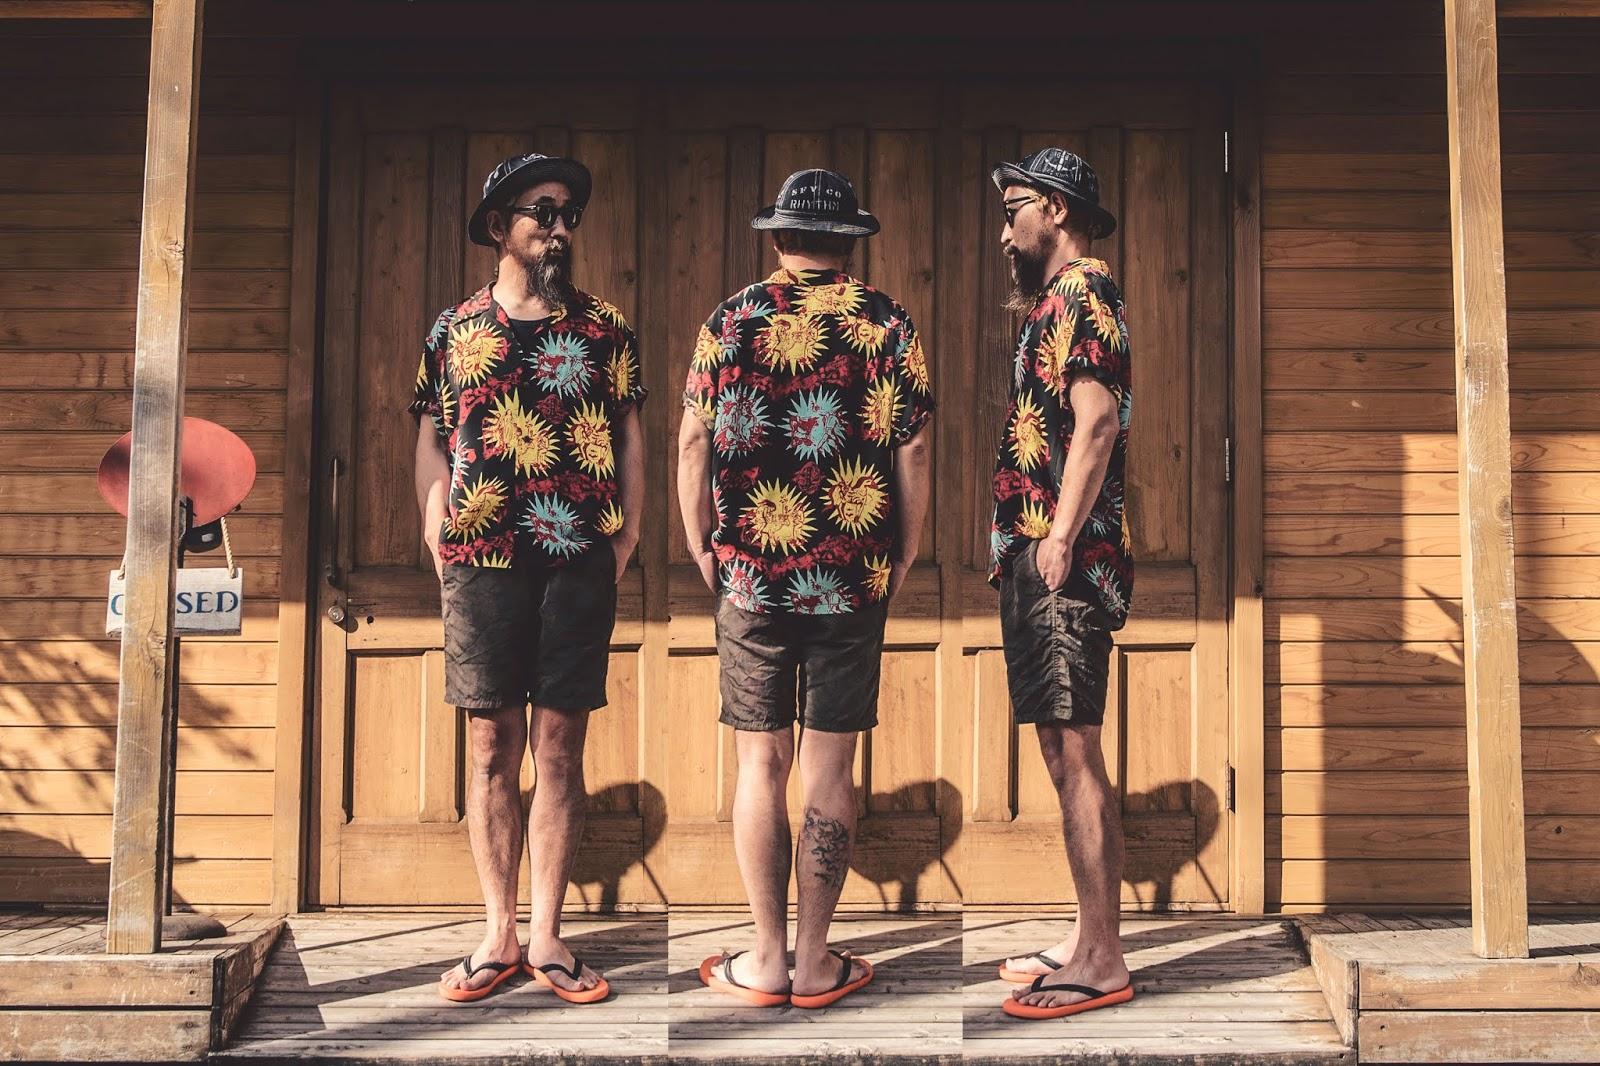 アロハ ヴィンテージ ハワイアン ゴーギャン ウッドカット ケオニ ジョンメイグス シャツ 東洋 サンサーフ アロハシャツ 日本製 シュガーケーン 着こなし コーディネート